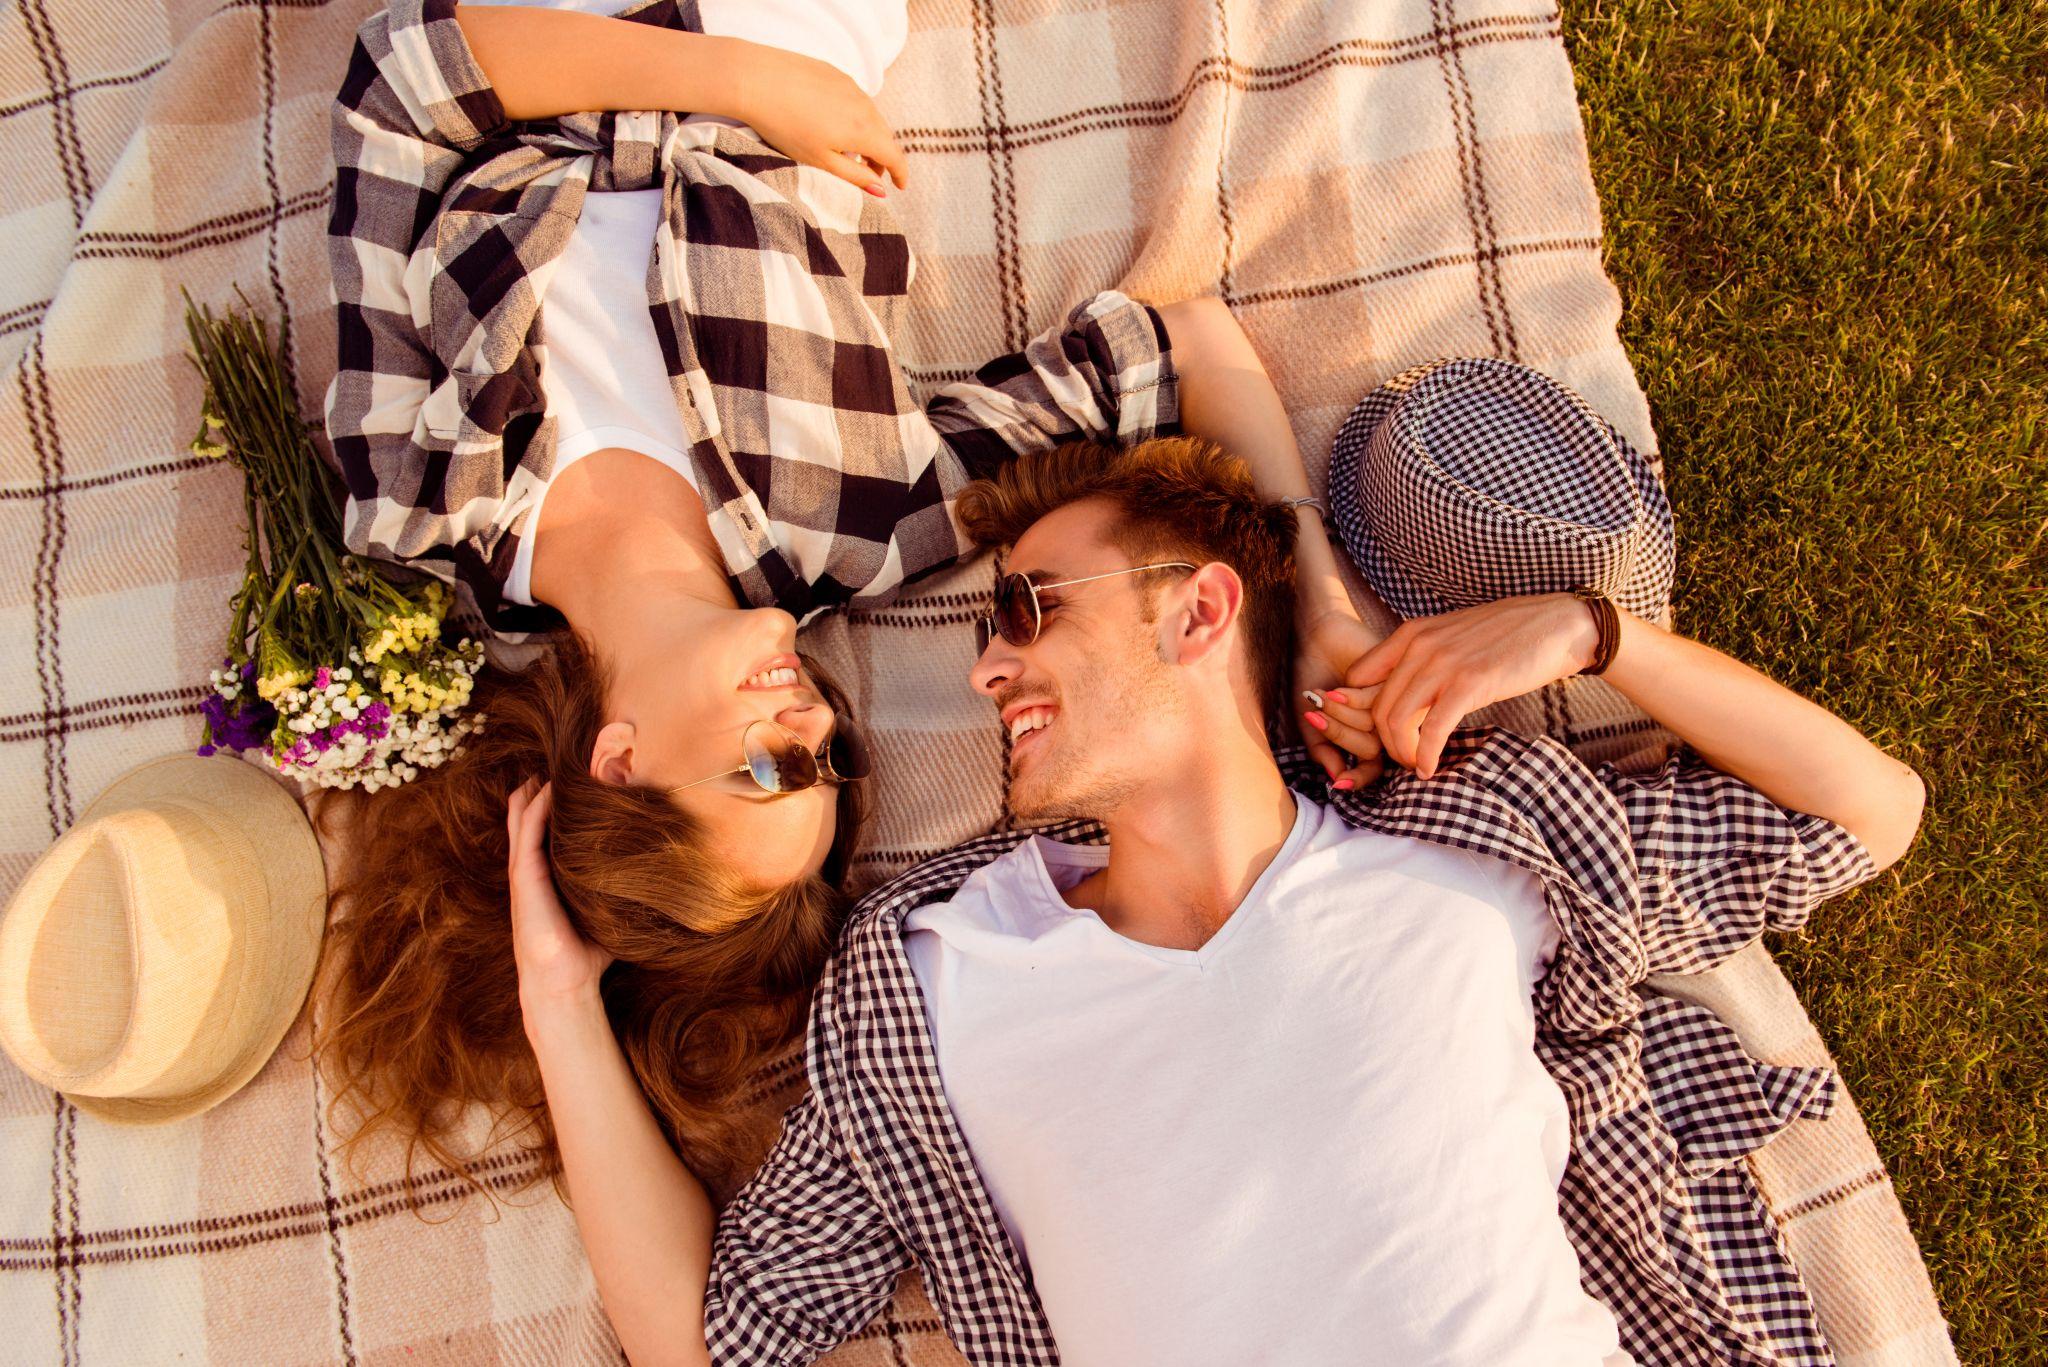 Kuidas luua terveid ja rahuldustpakkuvaid suhteid?